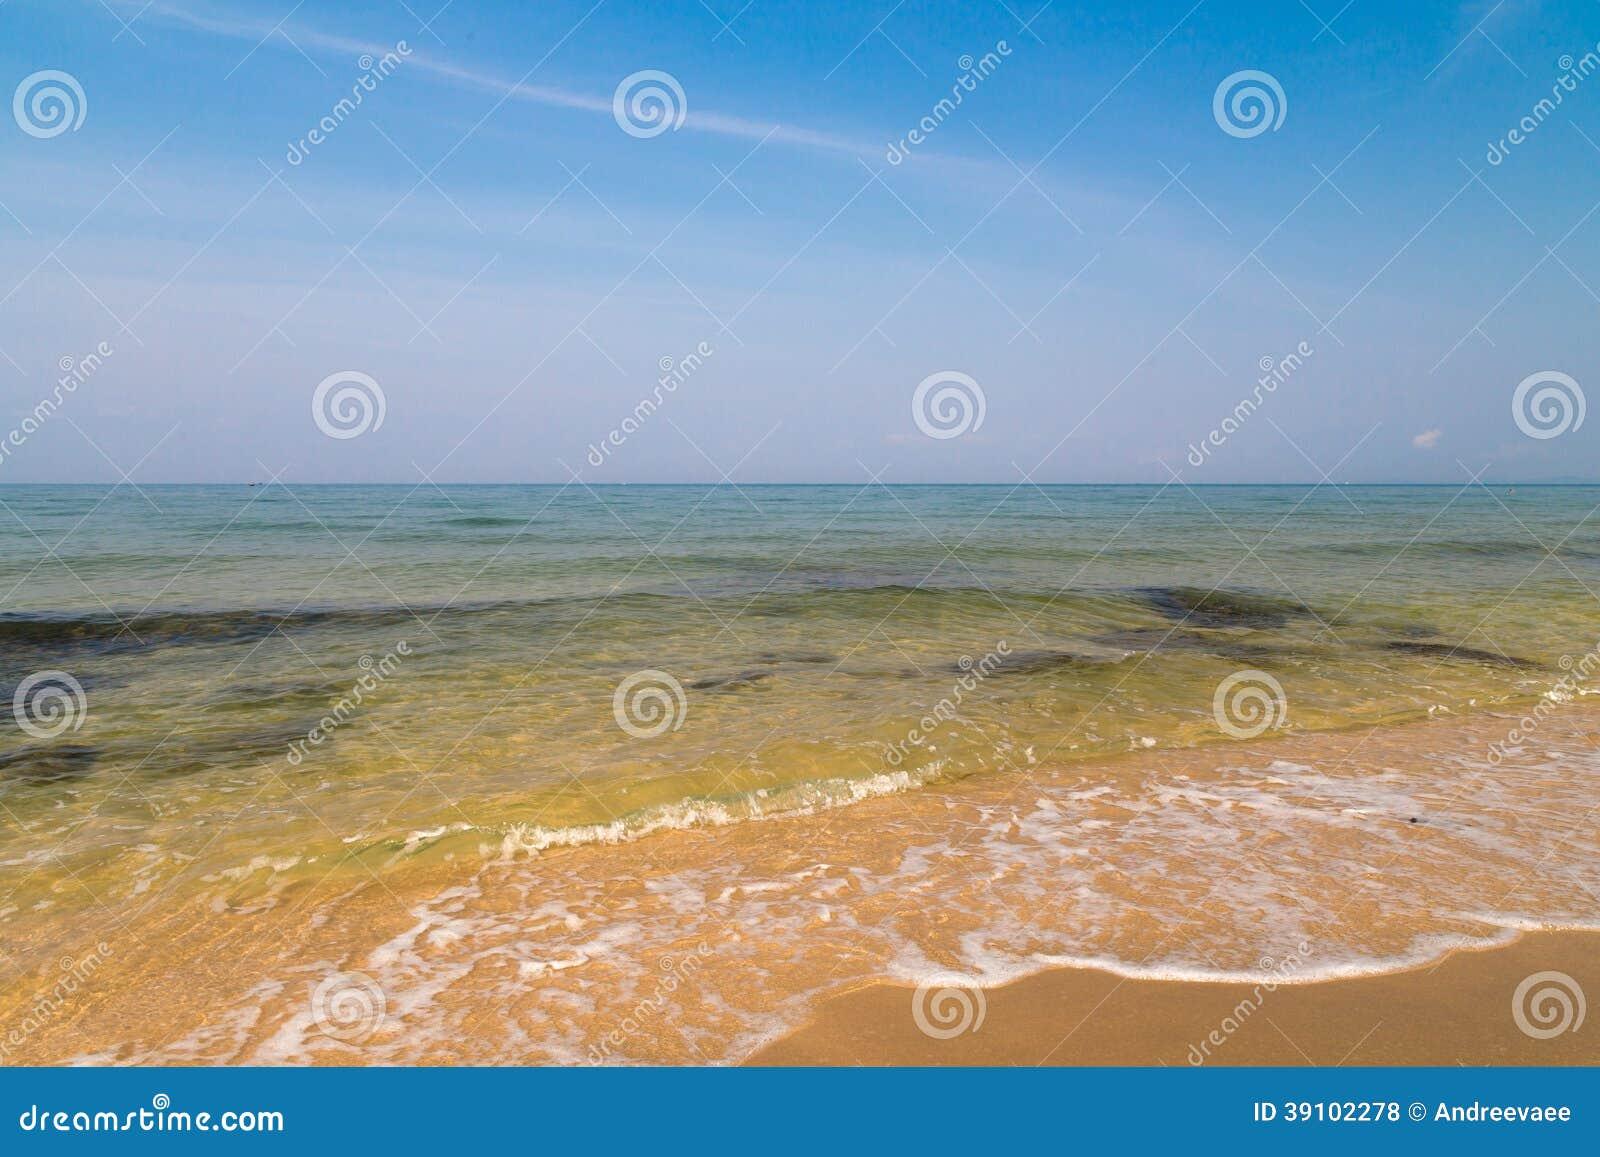 Turkoois zeewater